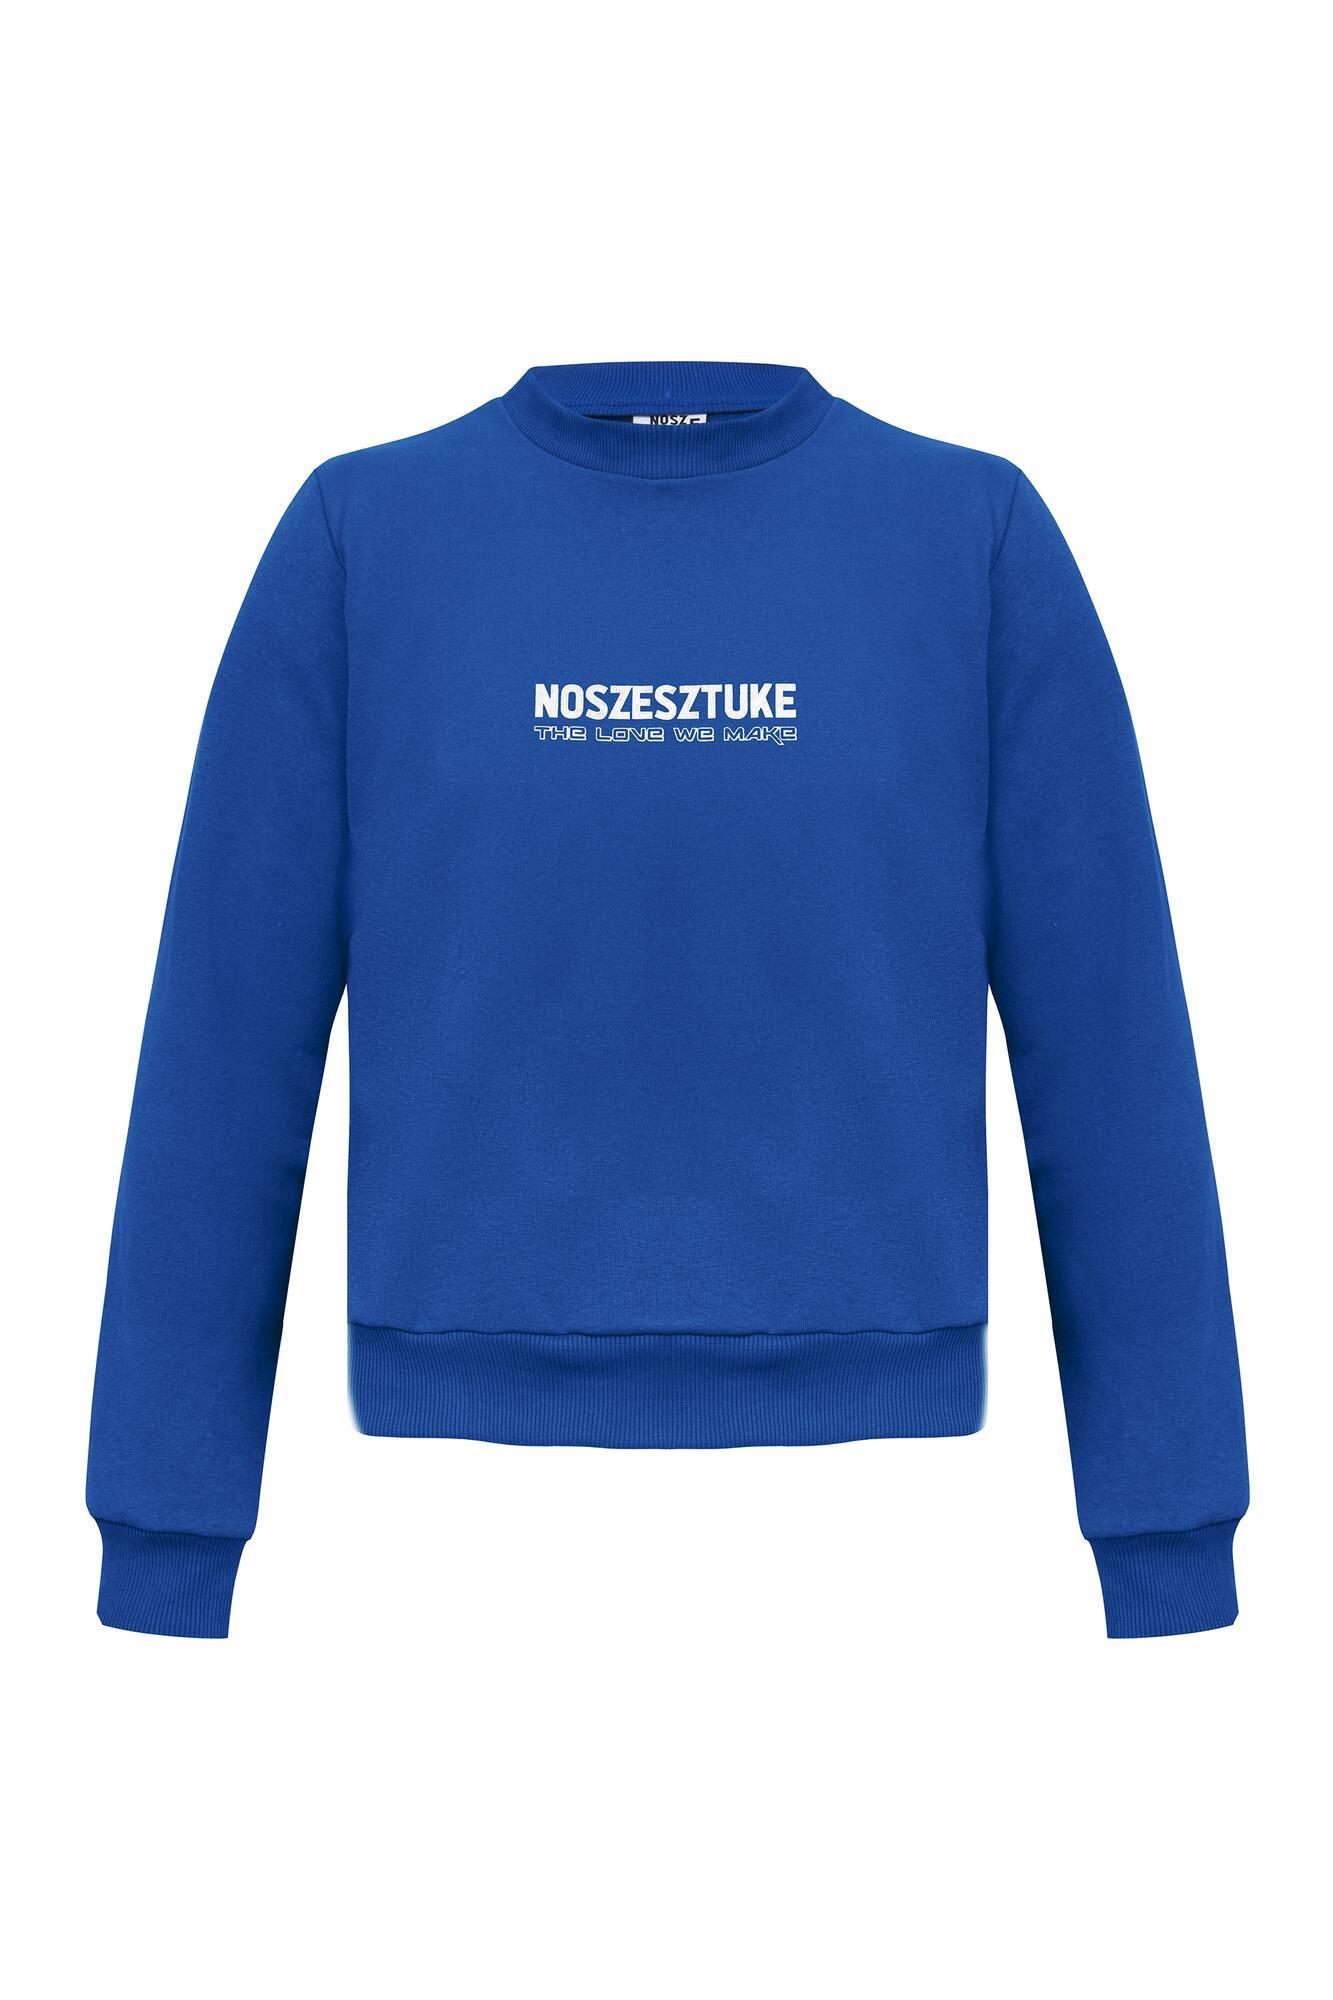 Bluza ASTRO classic blue - noszesztuke   JestemSlow.pl